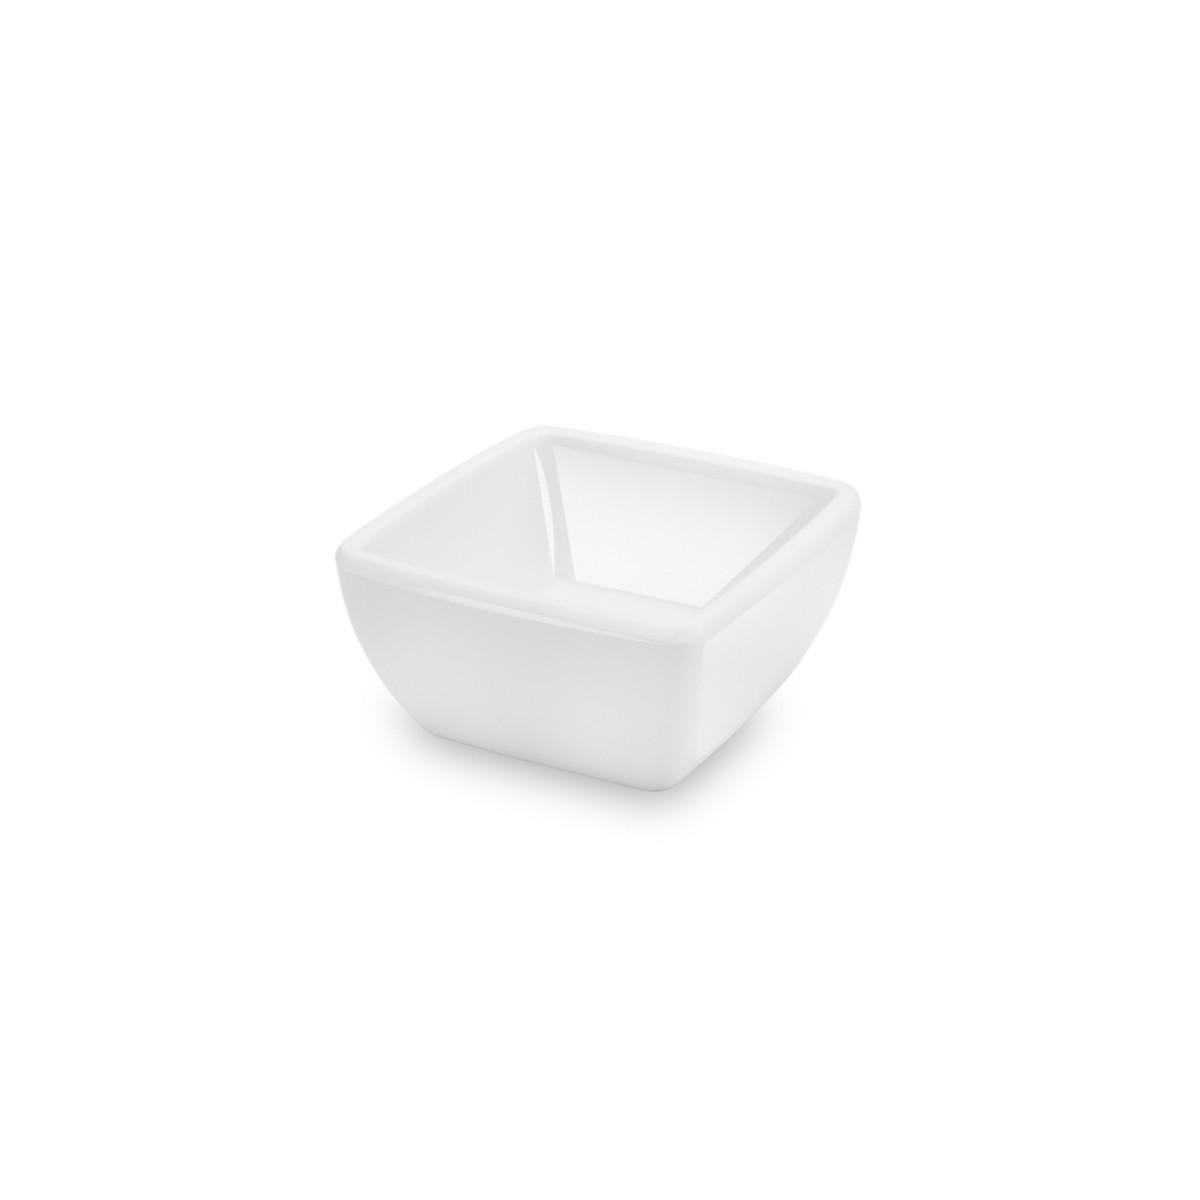 Bowl em Melamina Buffet Square 13 x 13 x 6 cm Haus Concept  UN